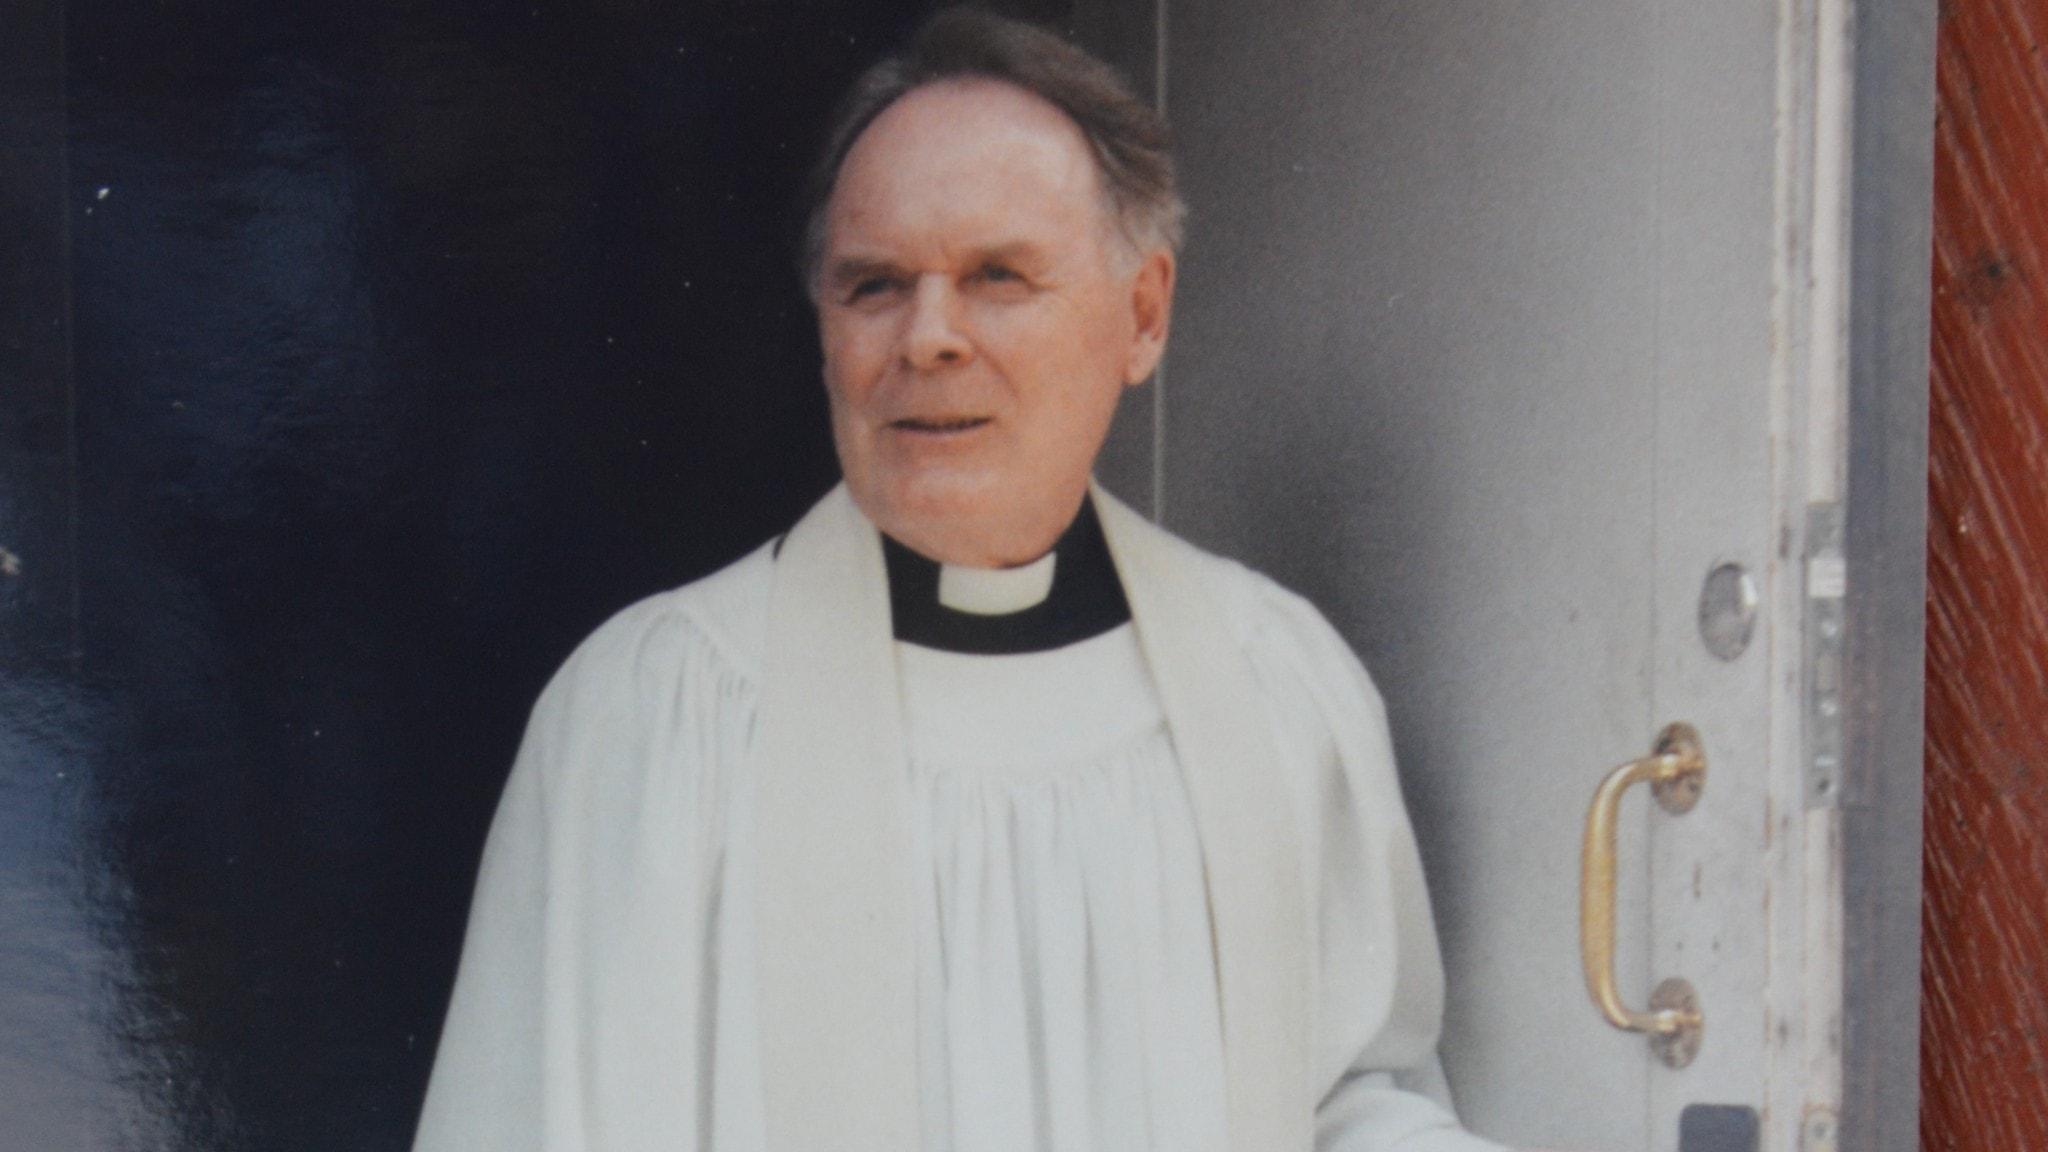 Kuvassa mies puettuna papin kaapuun.